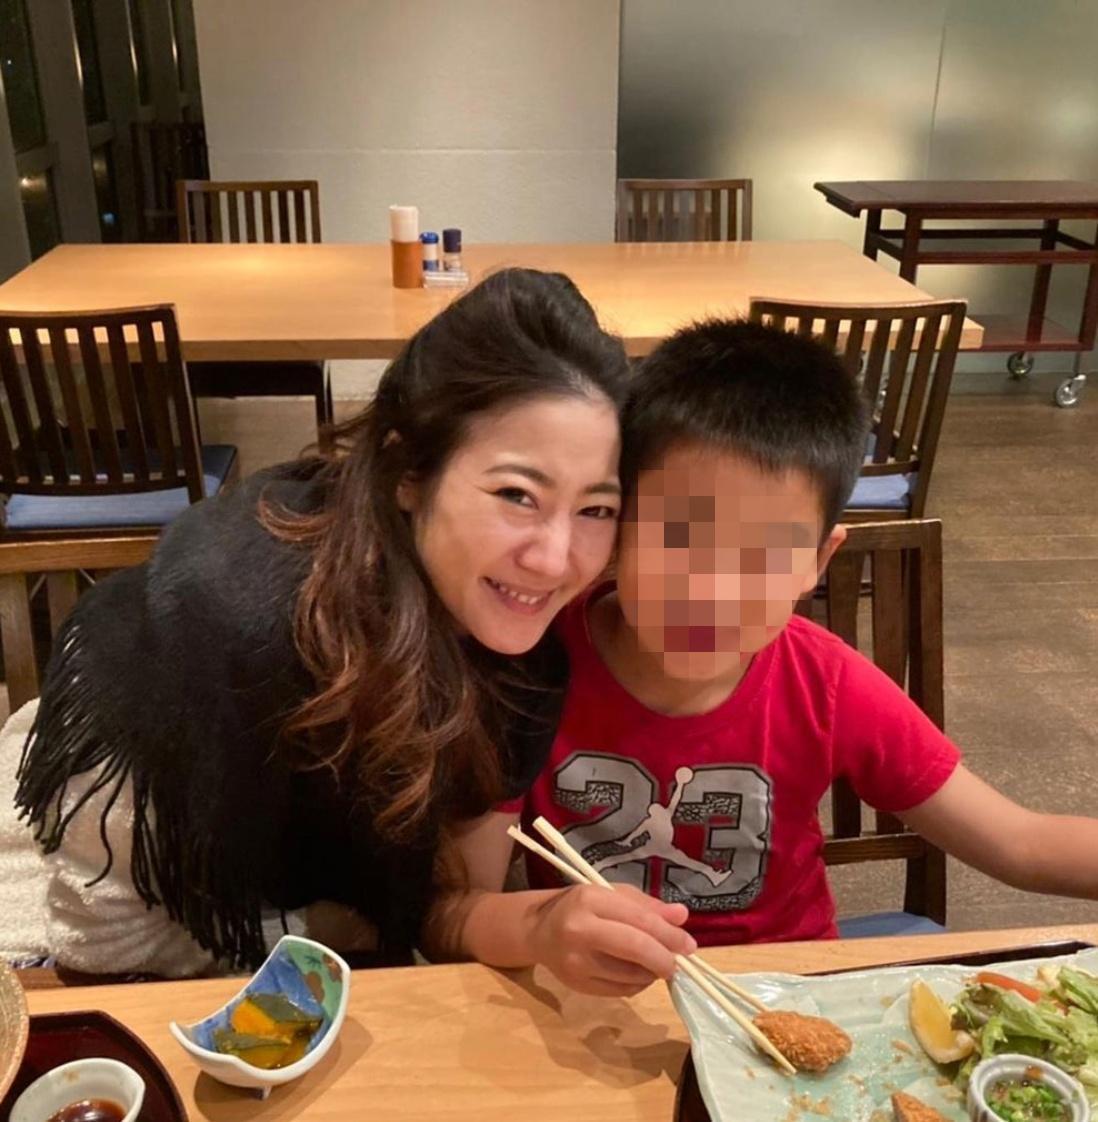 高木惠美生前不時在社群分享與兒子的日常。(翻攝自高木惠美IG)